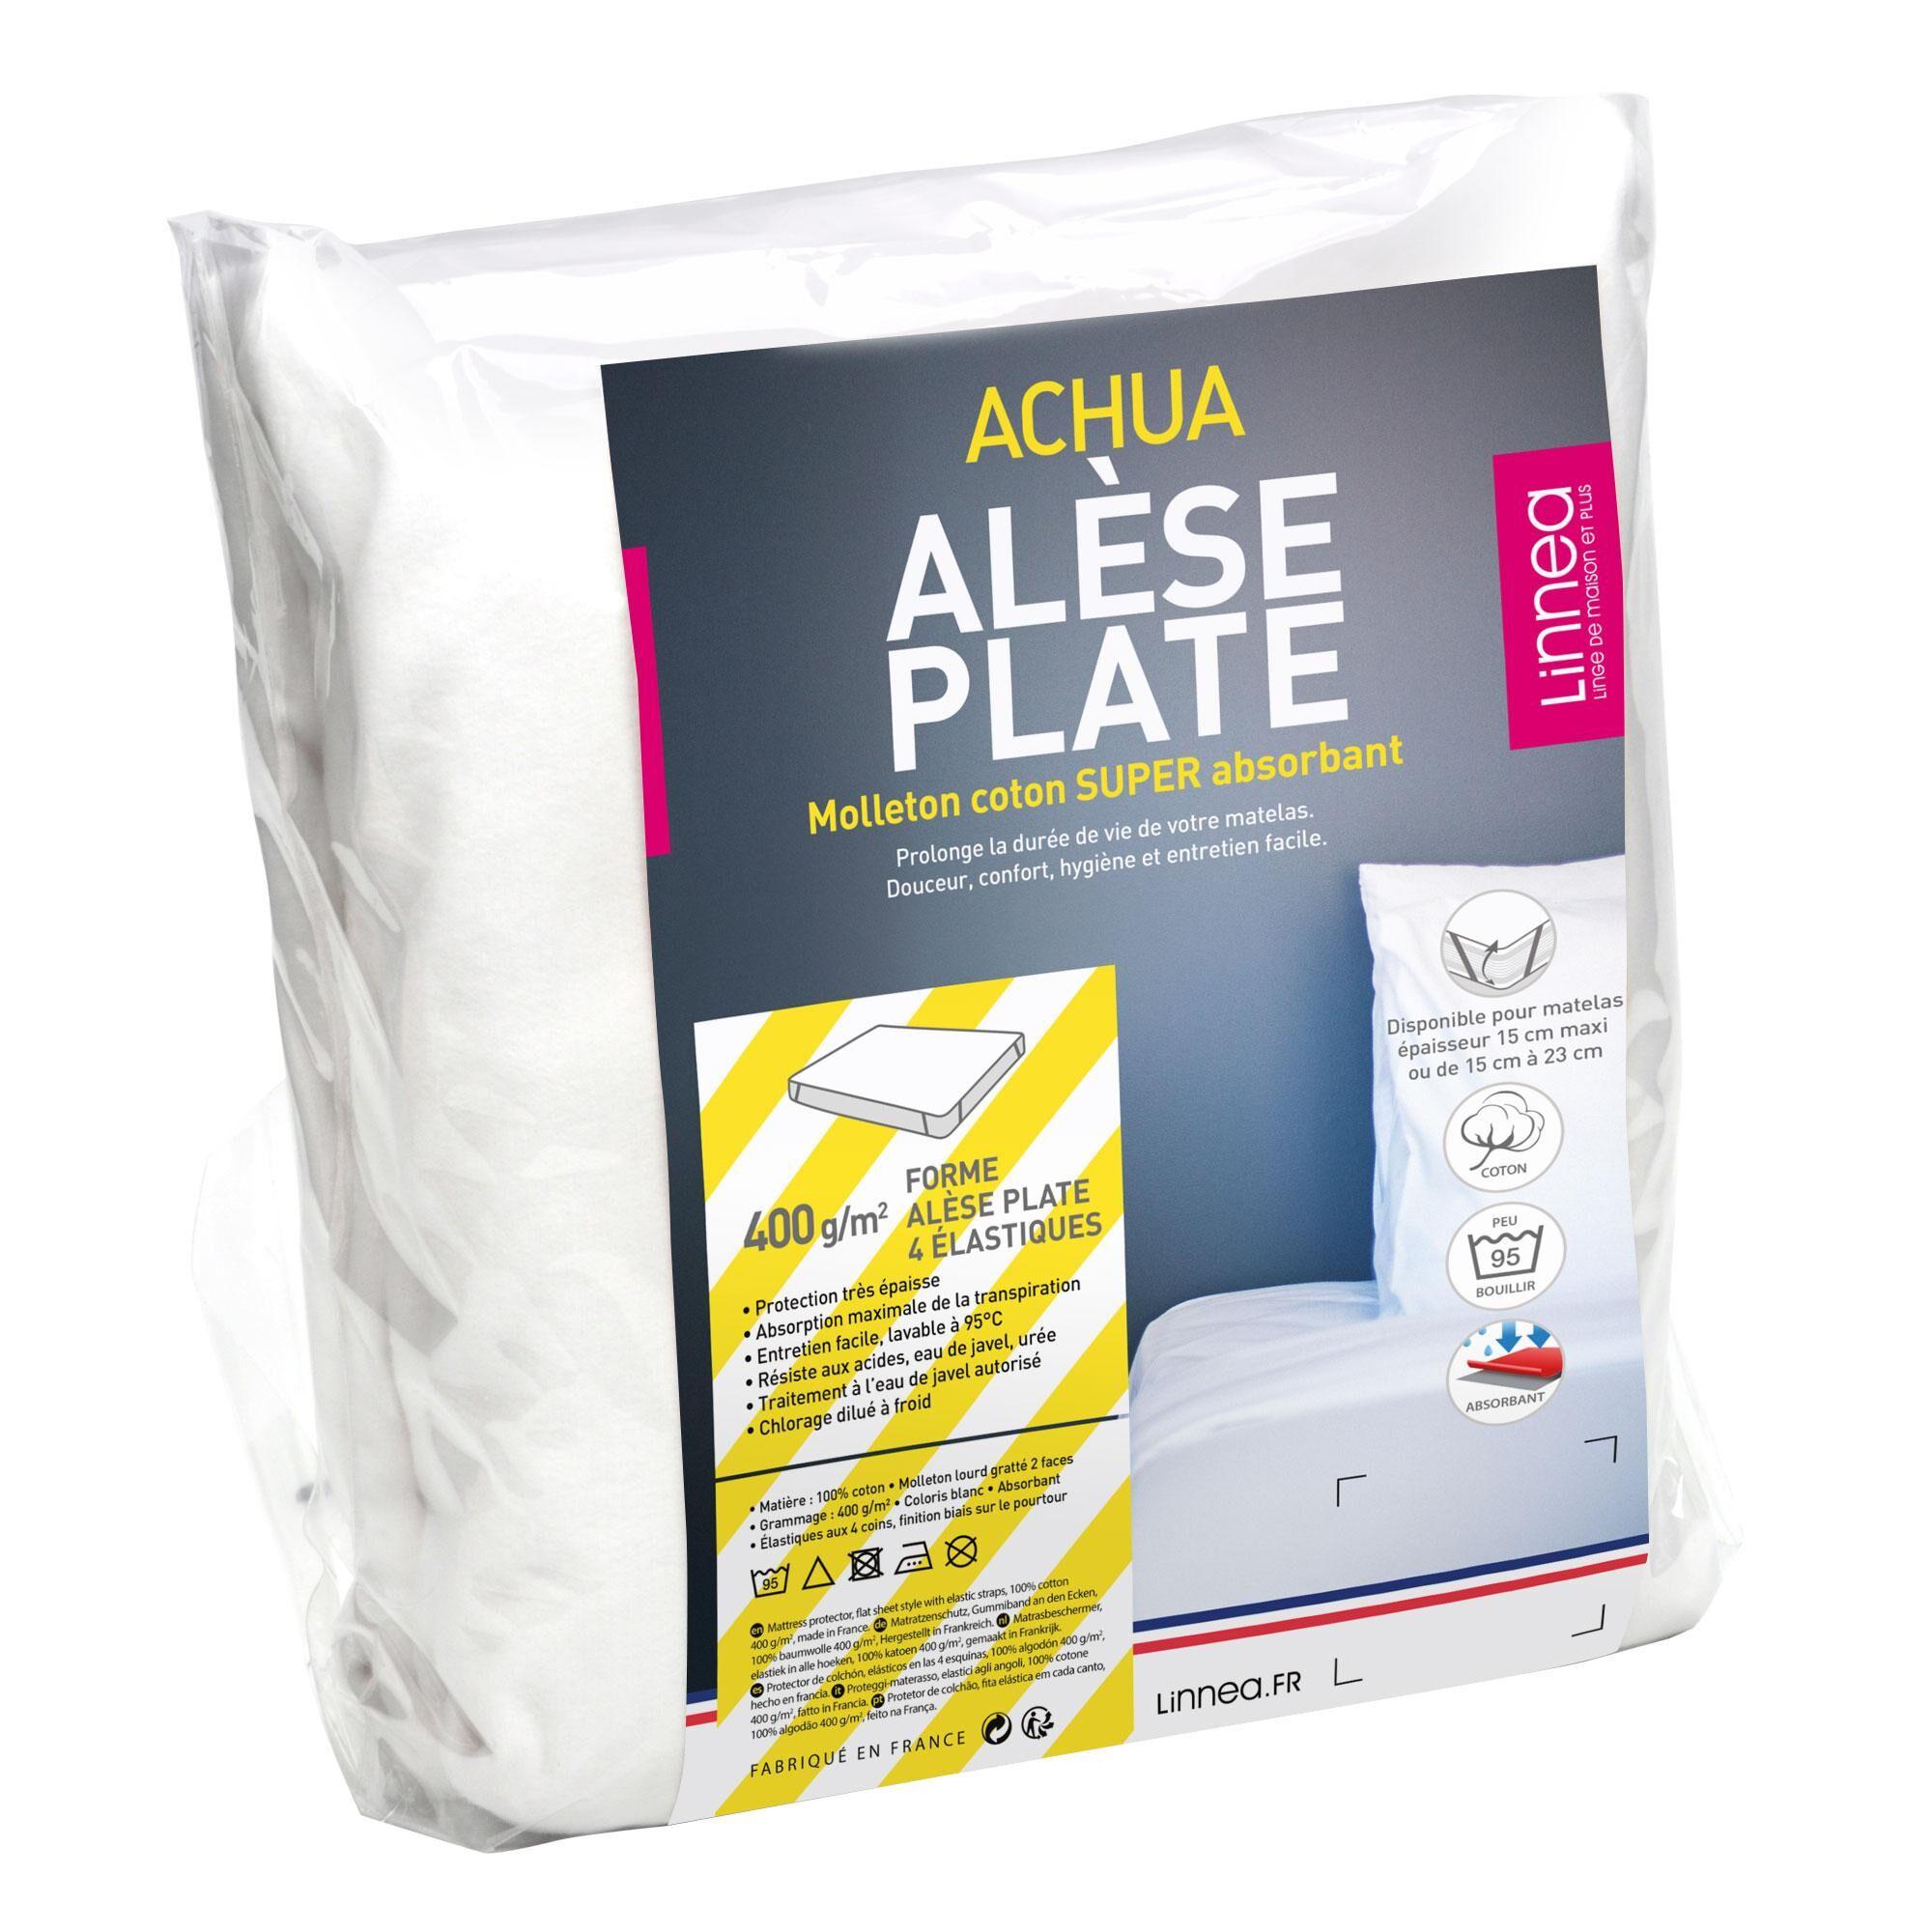 Linnea Alèse plate 180x200 cm ACHUA Molleton 100% coton 400 g/m2 matelas 15cm à 23cm